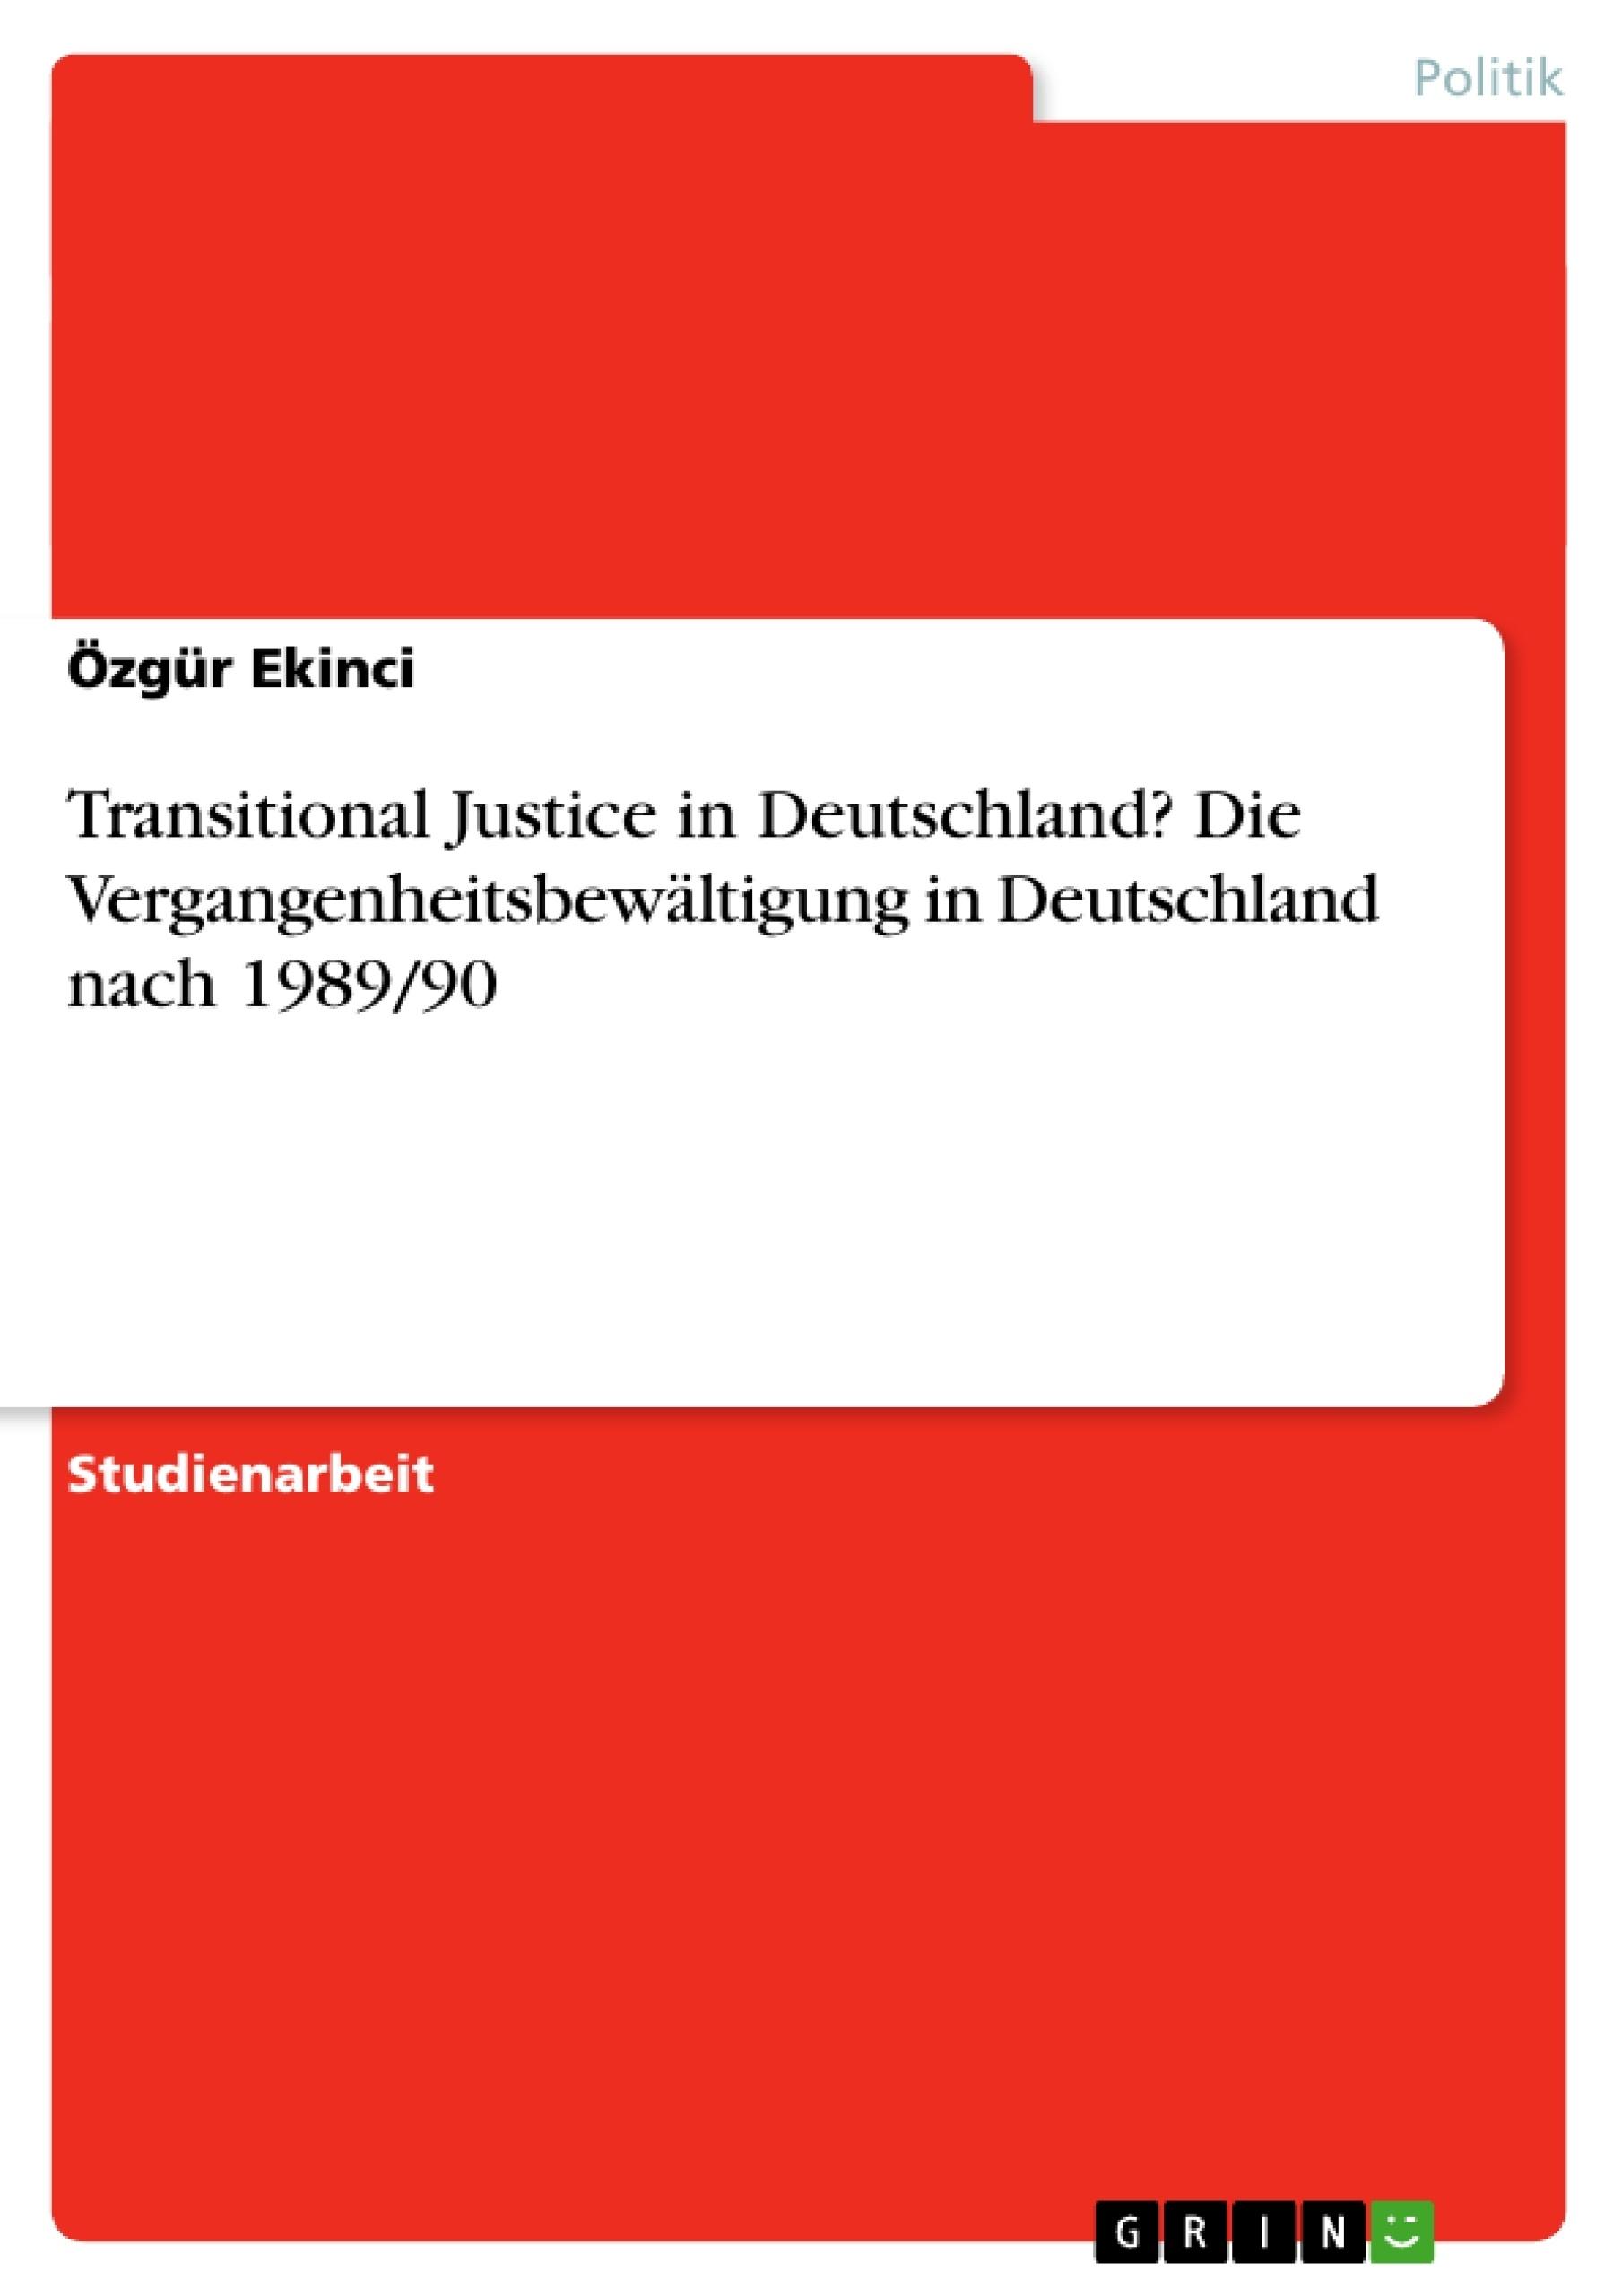 Titel: Transitional Justice in Deutschland? Die Vergangenheitsbewältigung in Deutschland nach 1989/90